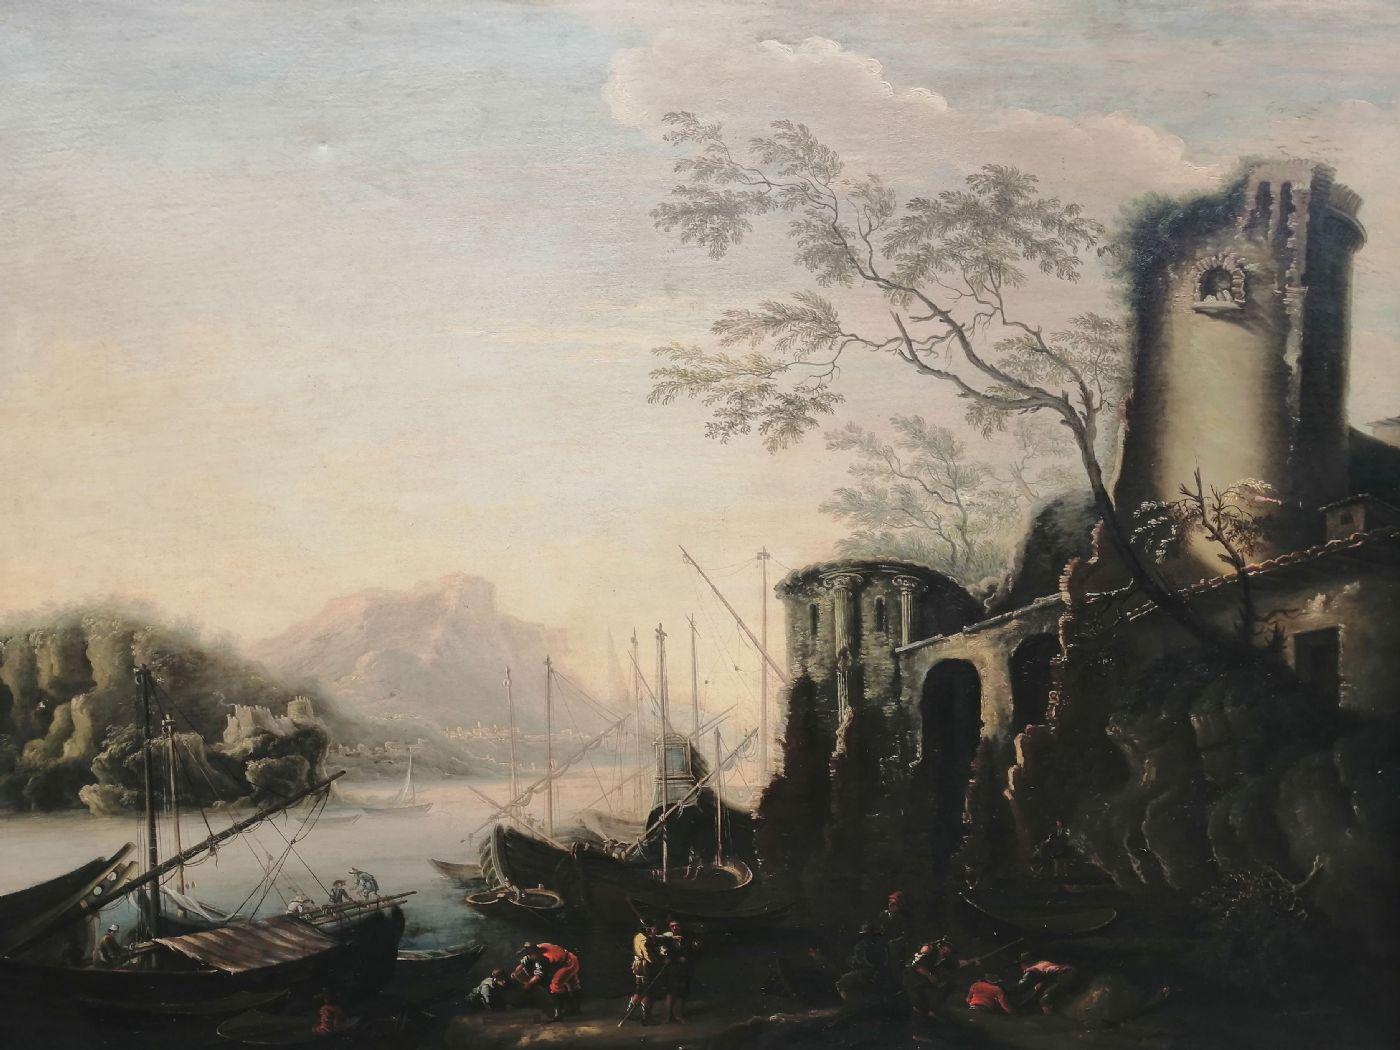 thumb2 Marina delle torri - Paesaggio del '600 con squero, rovine e figure, da Salvator Rosa (1615 - 1673)